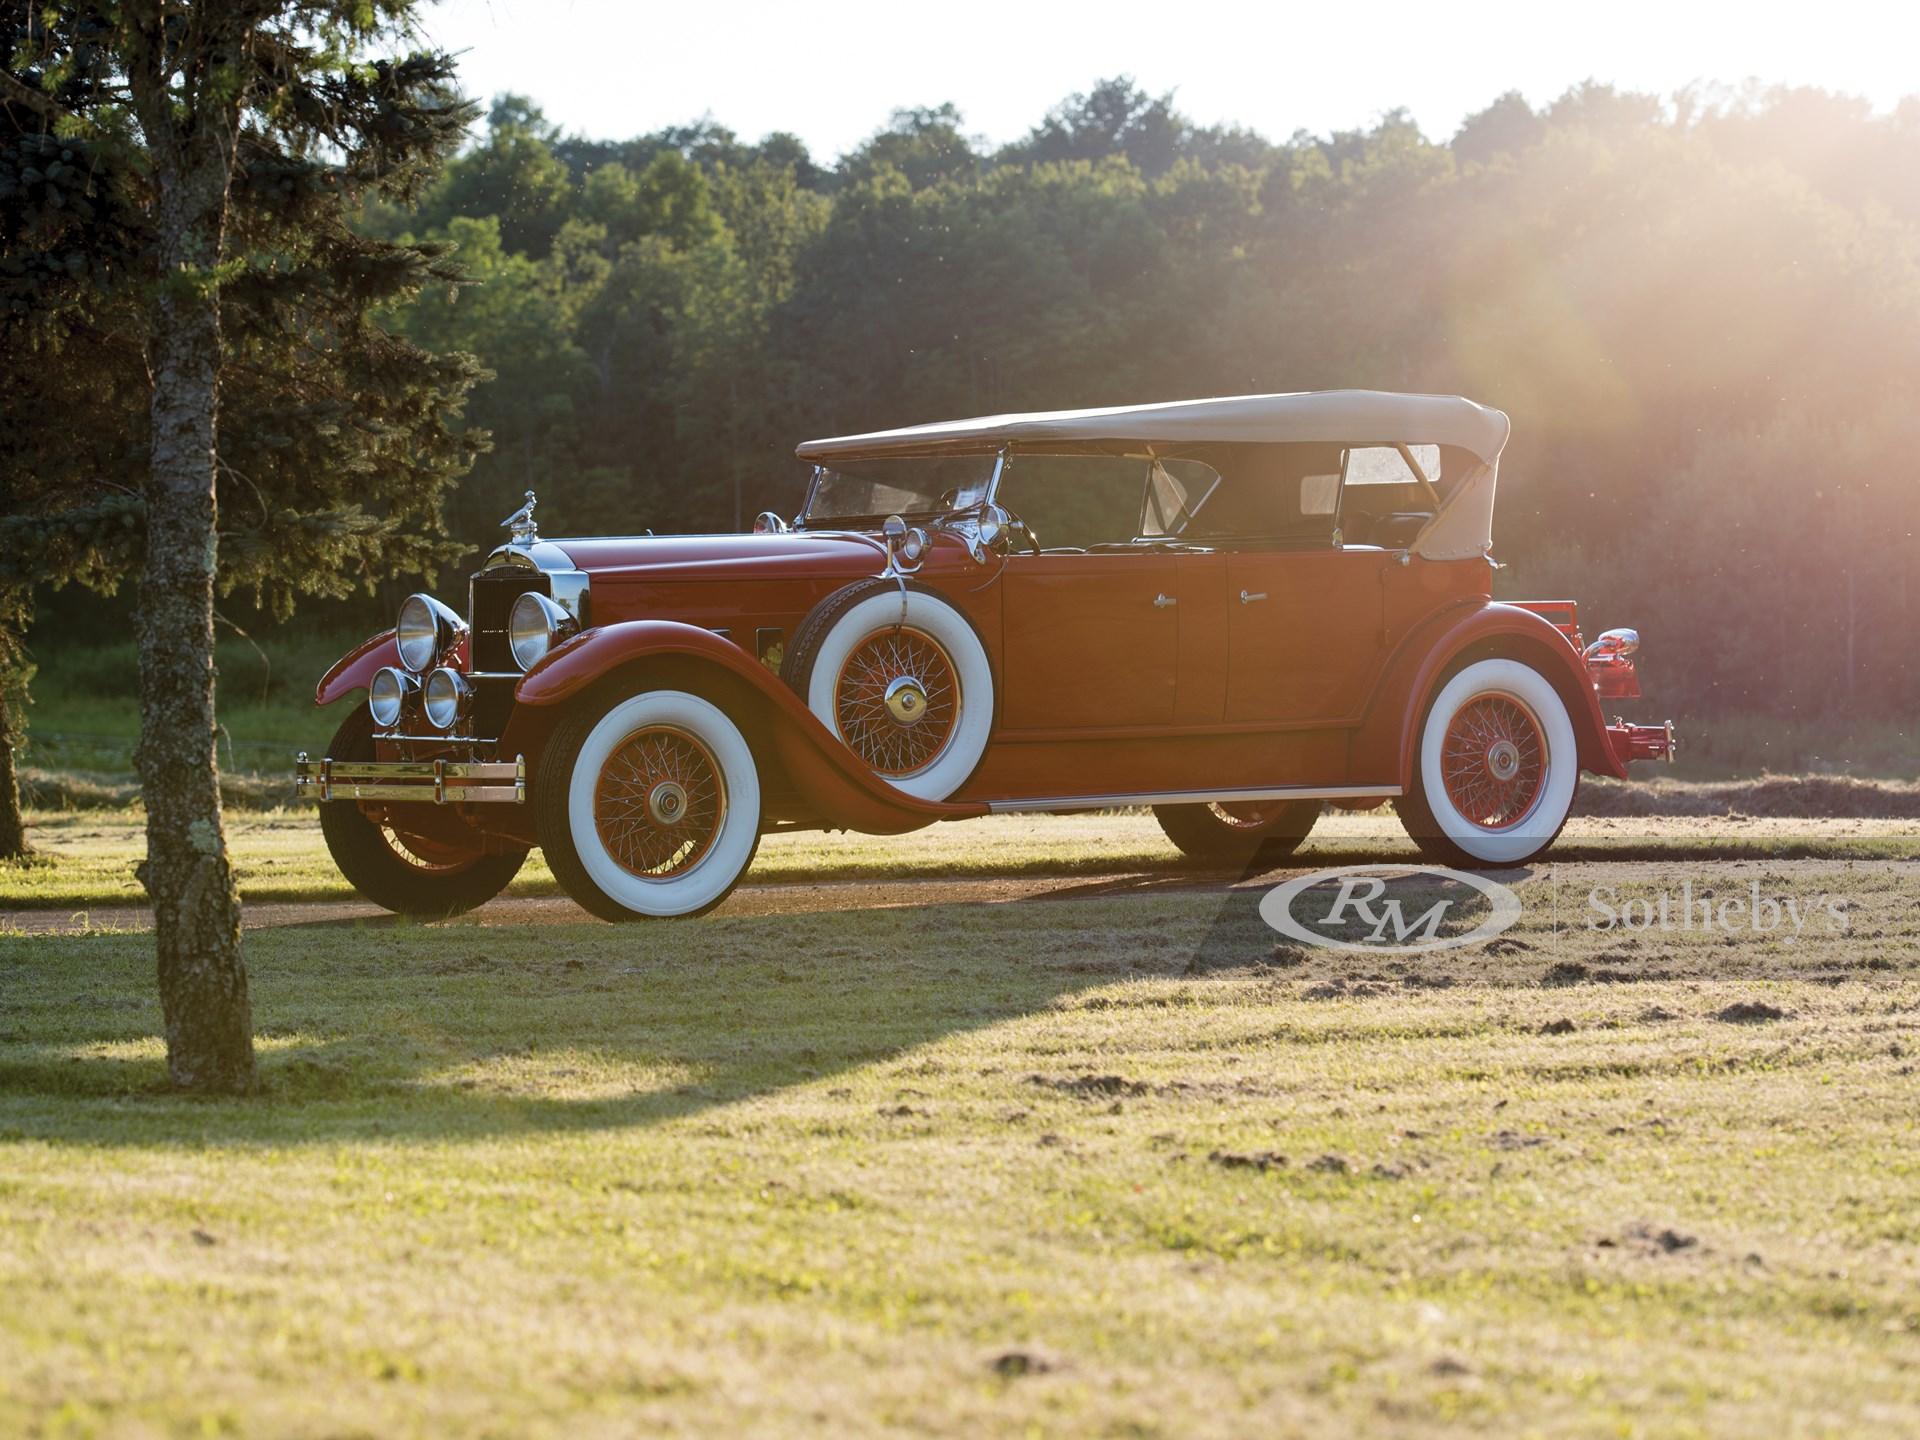 1929 Packard Deluxe Eight Tonneau Cowl Sport Phaeton by Dietrich